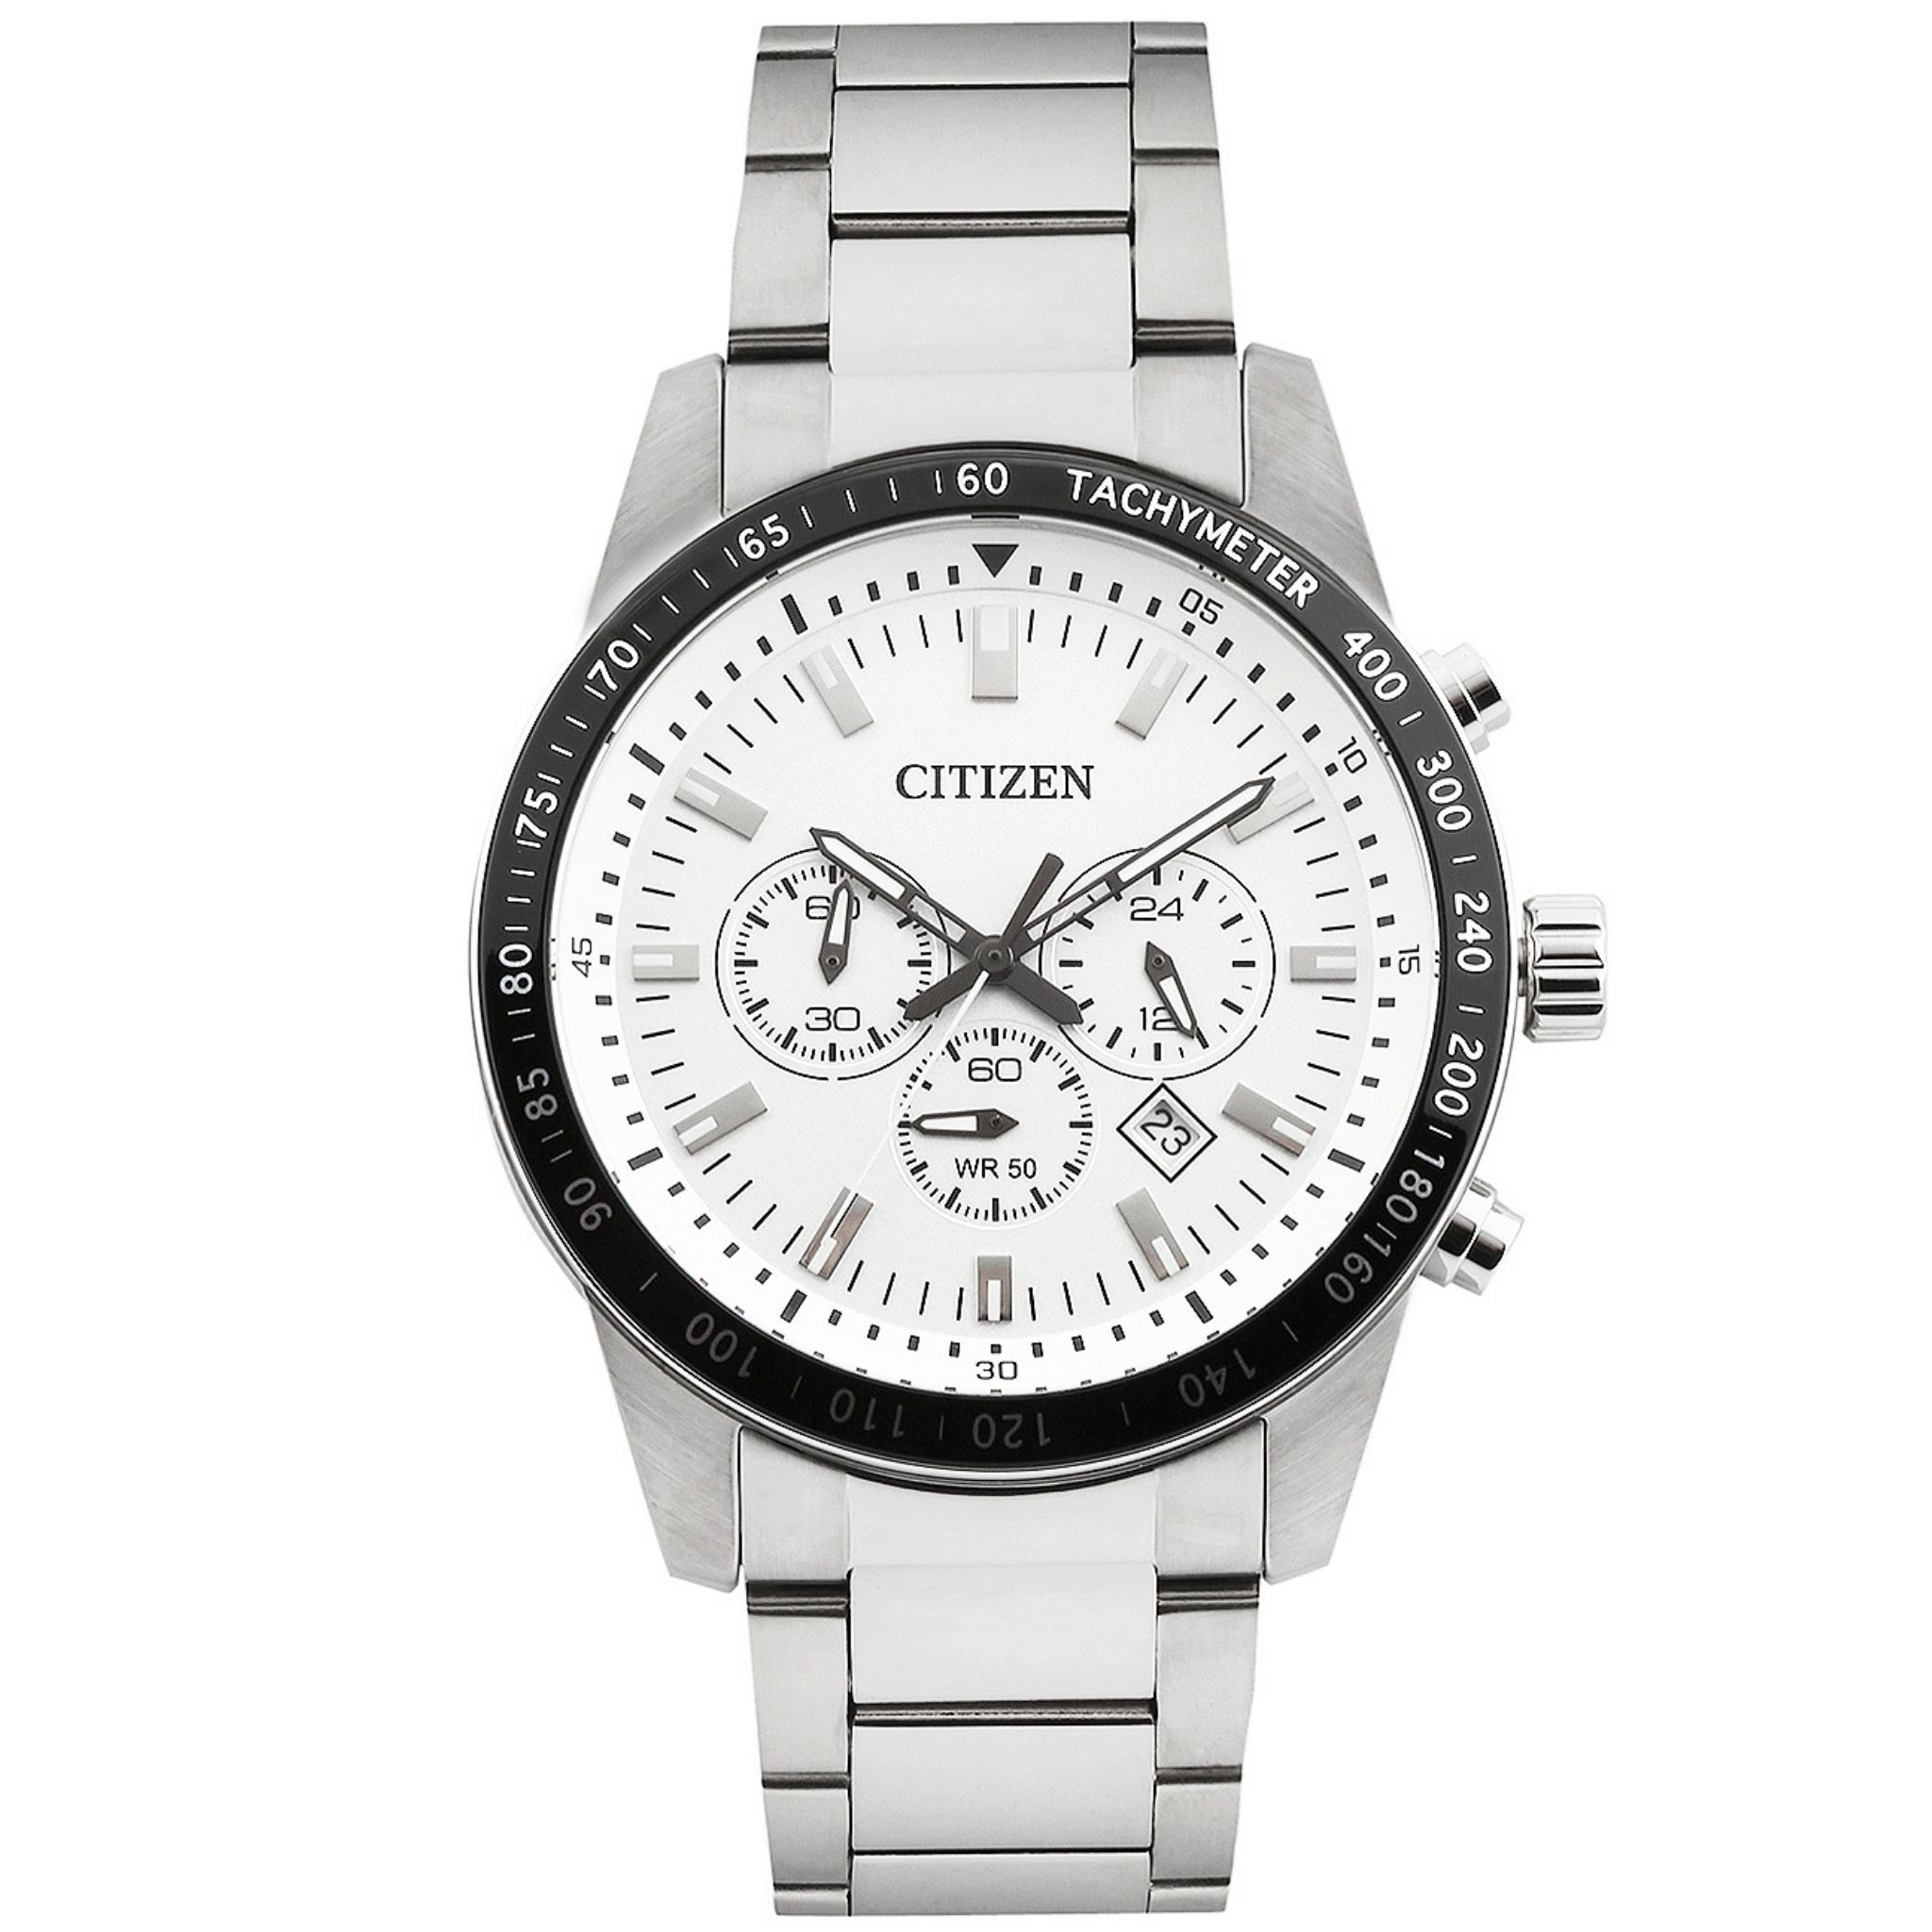 ساعت مچی عقربه ای مردانه سیتی زن مدل AN8070-53A              خرید (⭐️⭐️⭐️)